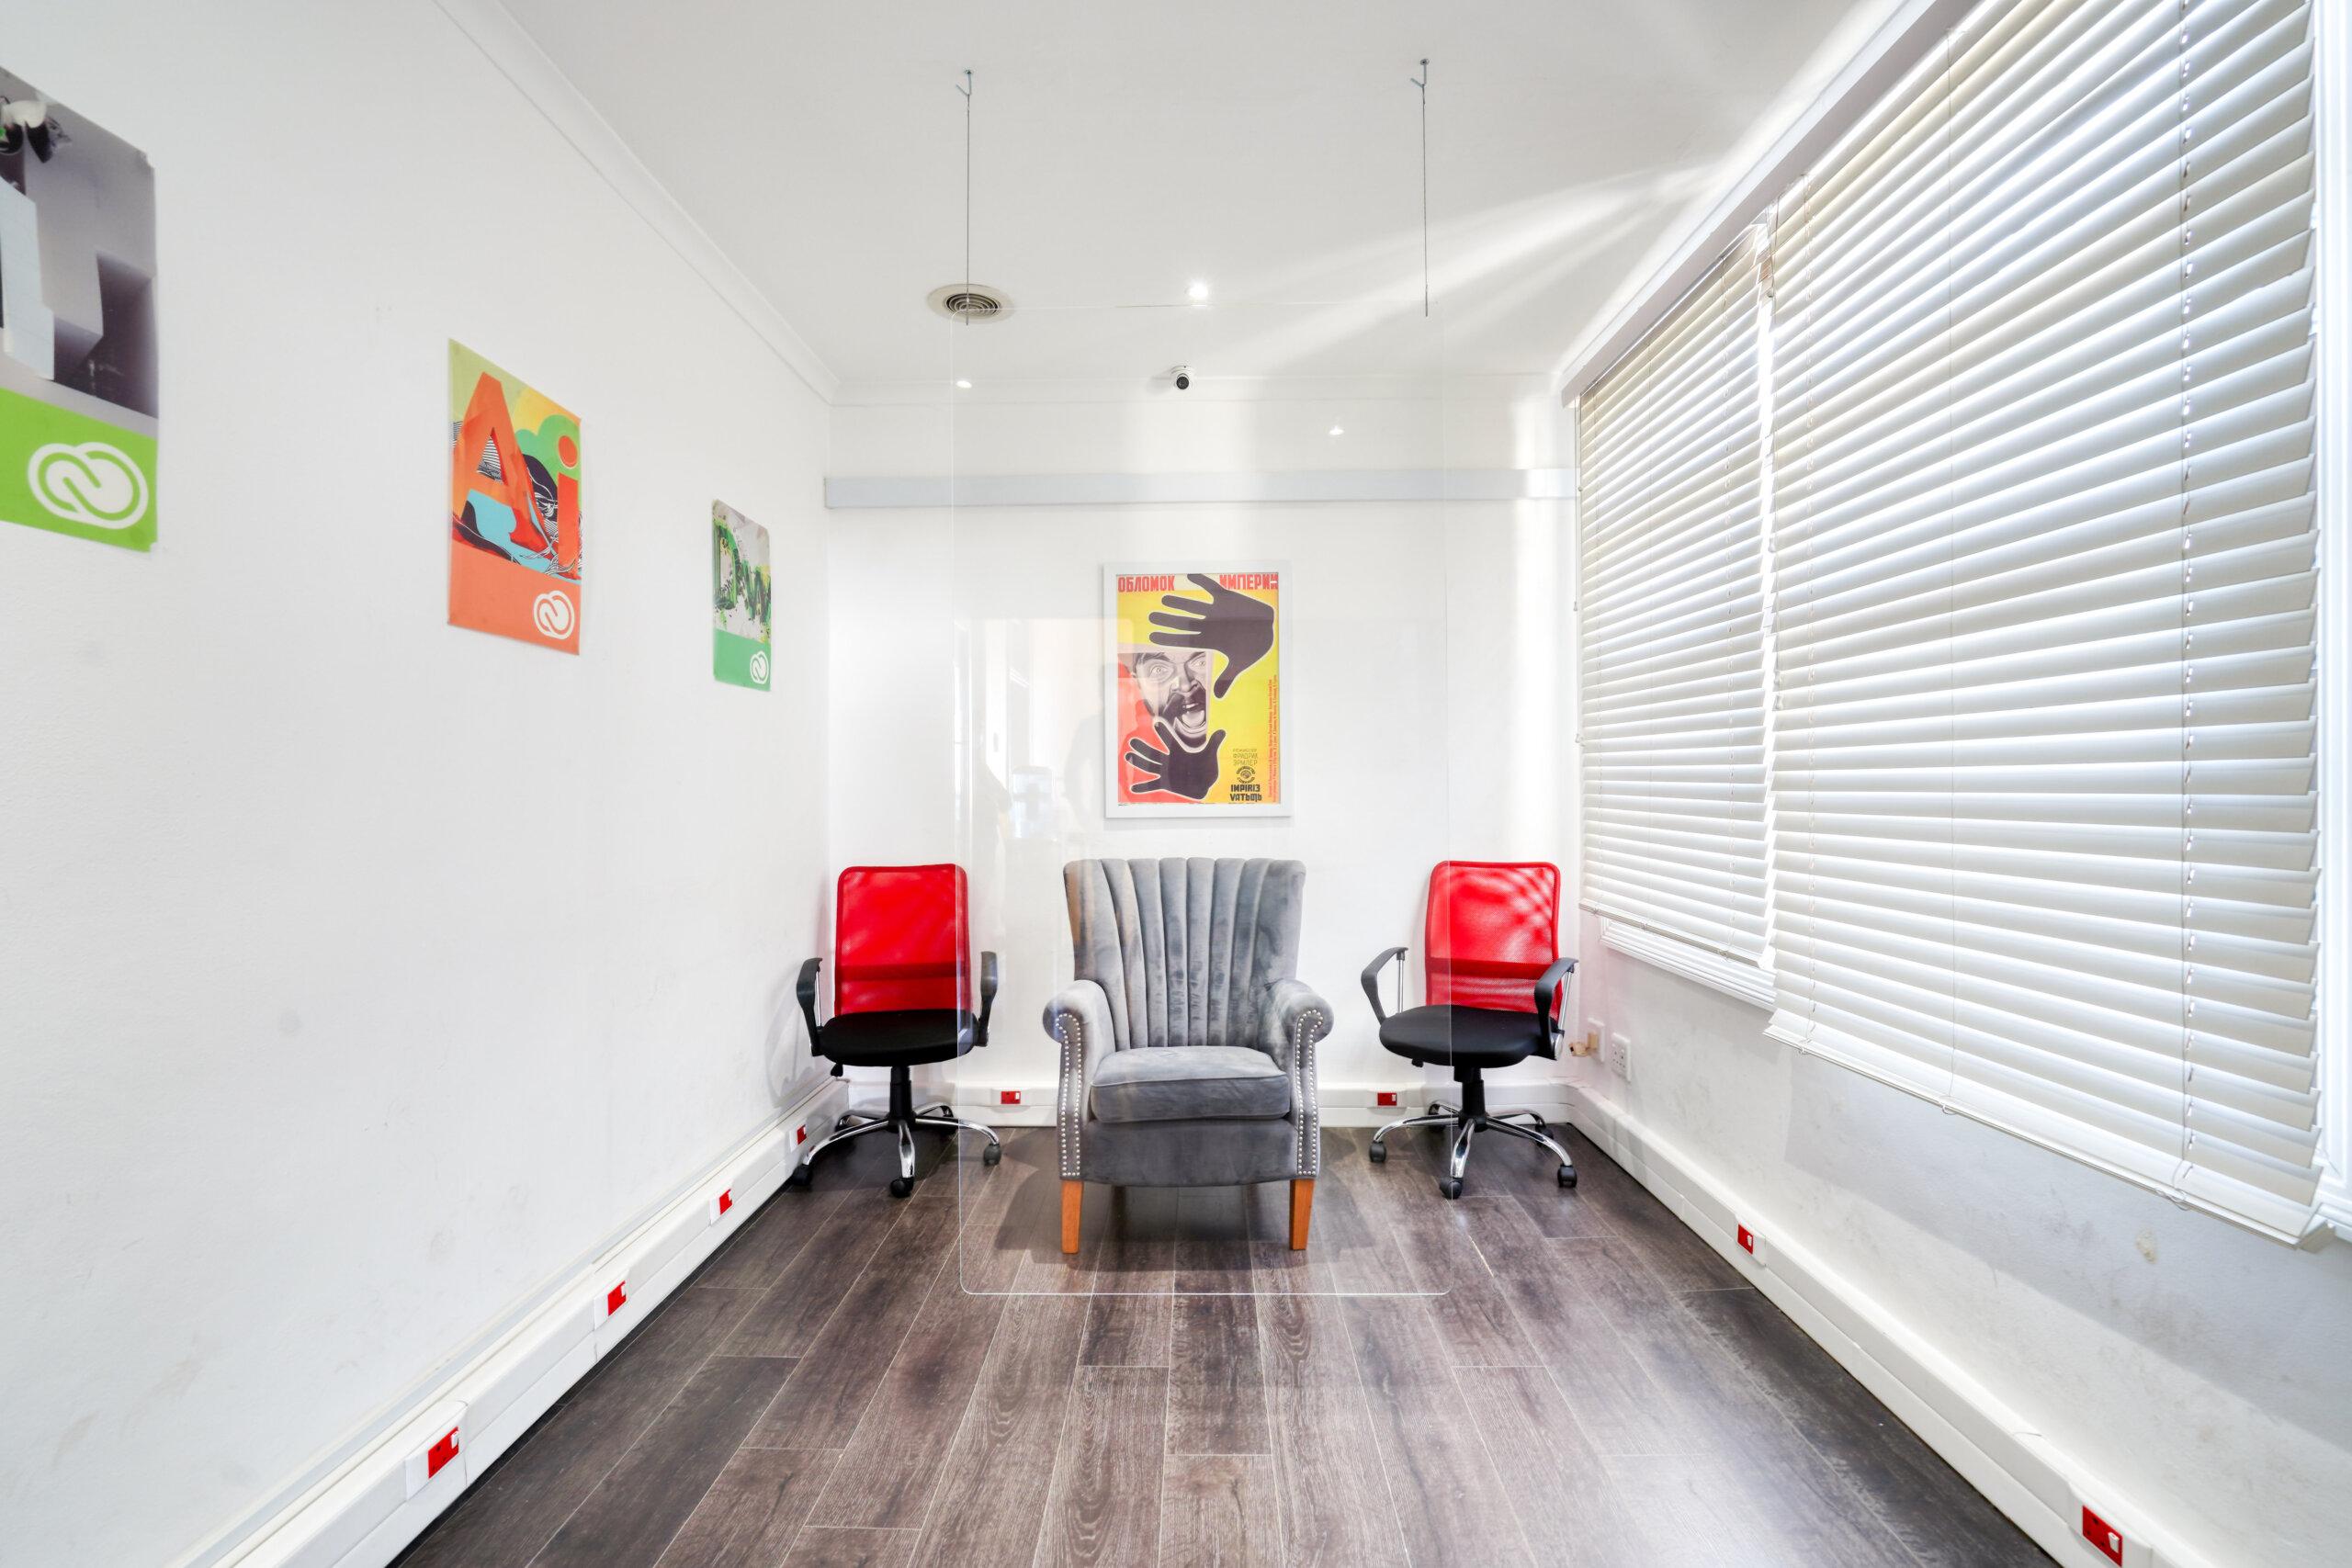 Consultation room, graphic design courses